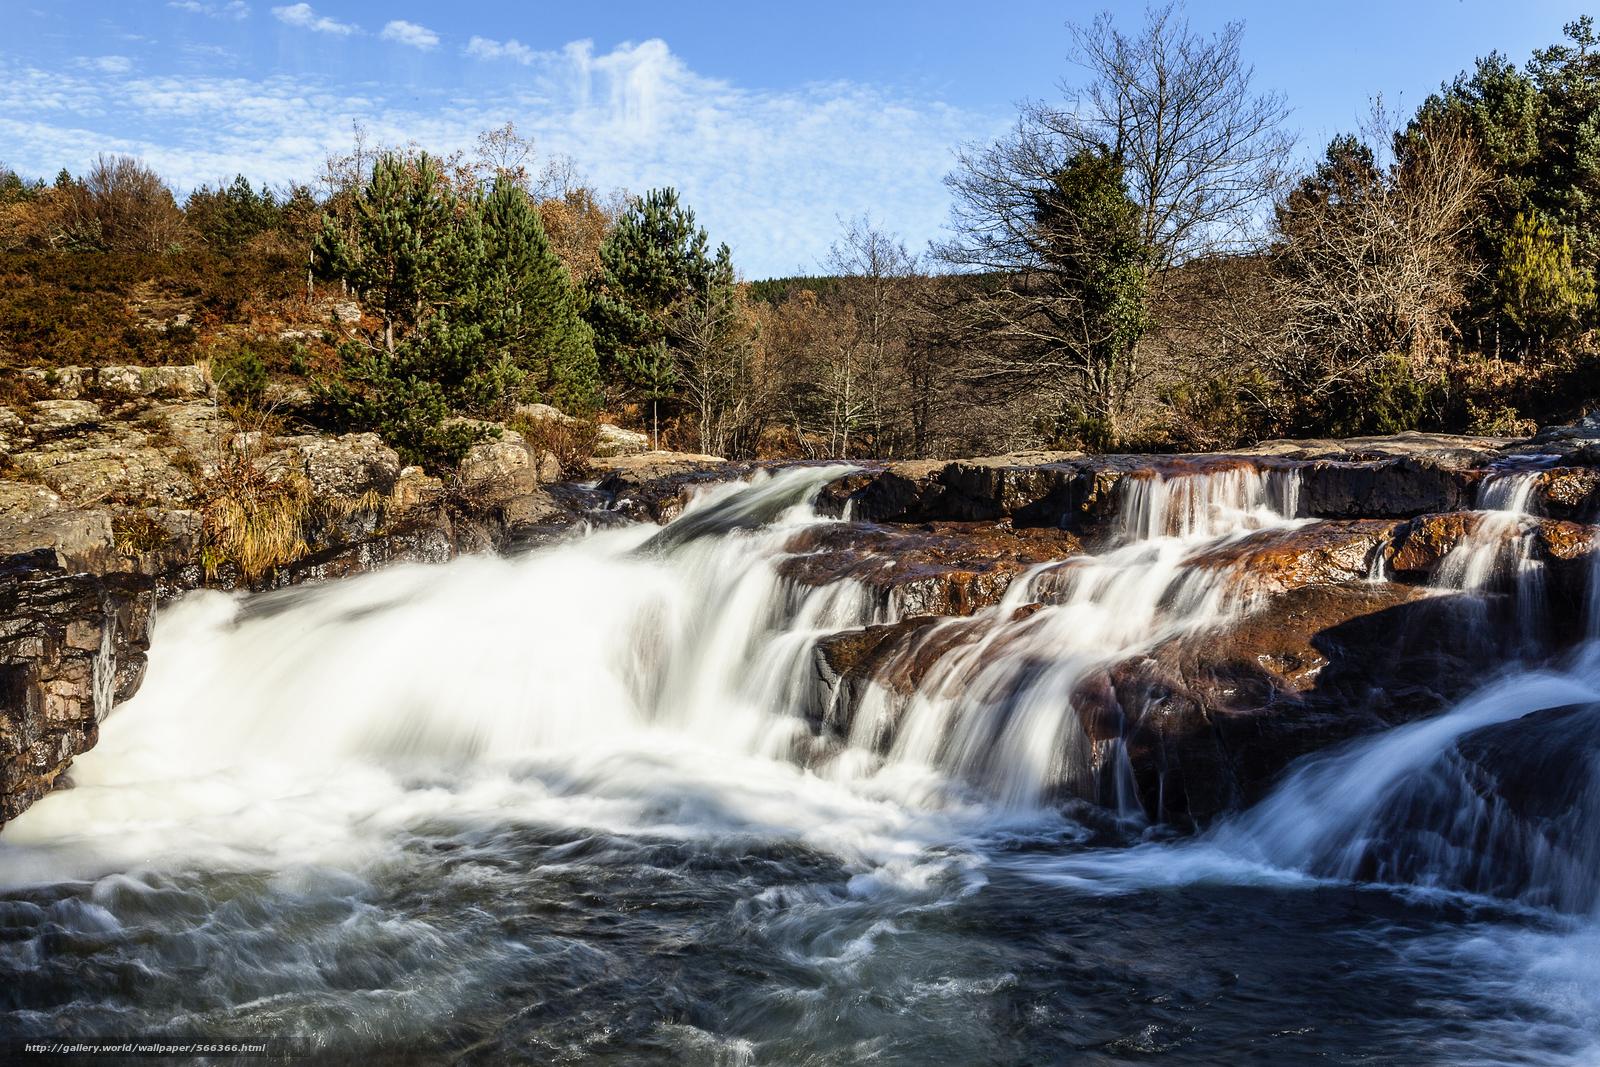 壁纸 风景 旅游 瀑布 山水 桌面 1600_1067